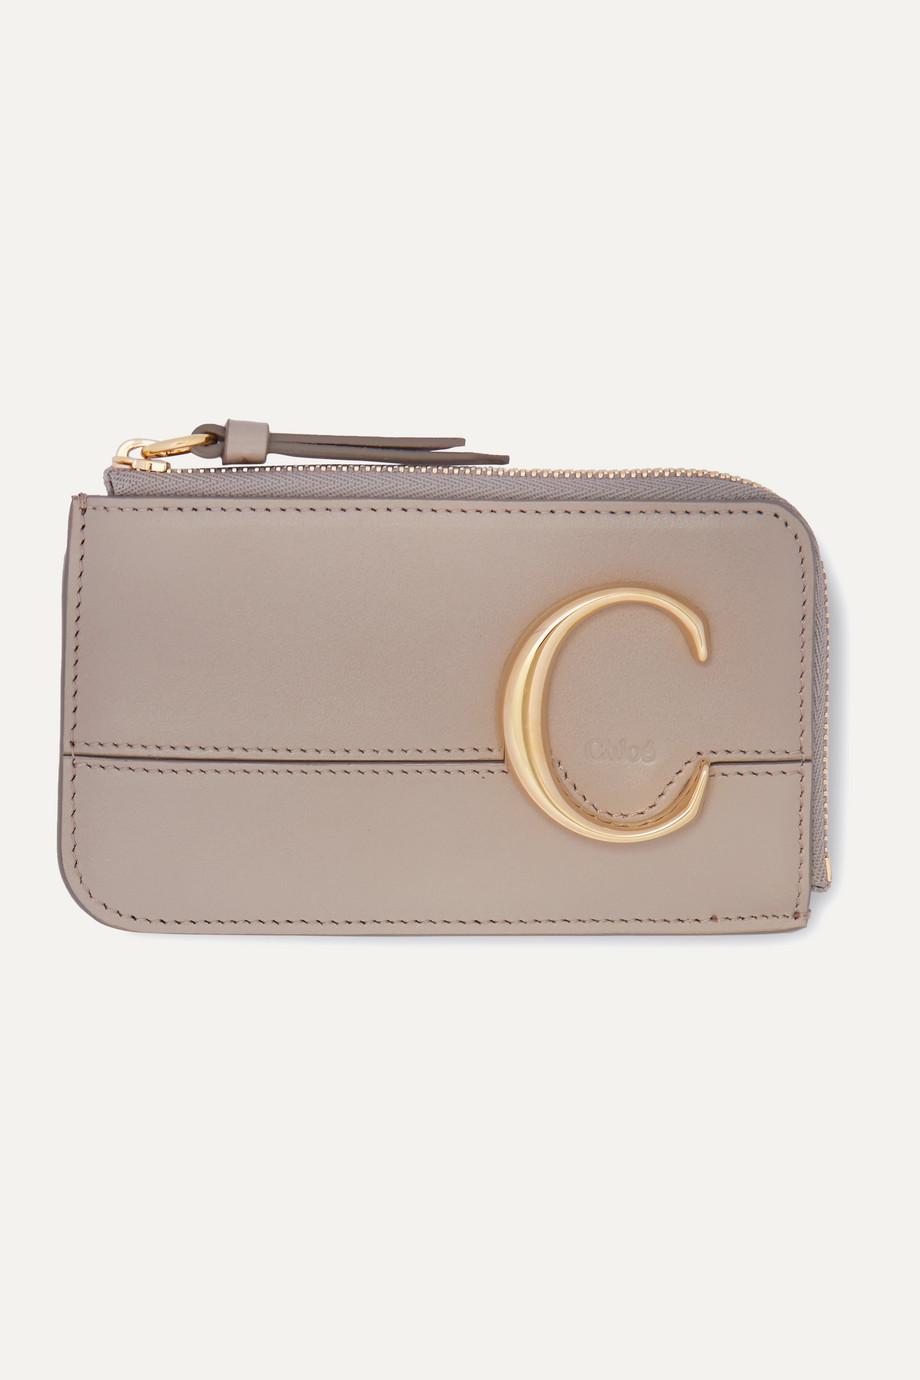 Chloé Chloé C small leather cardholder